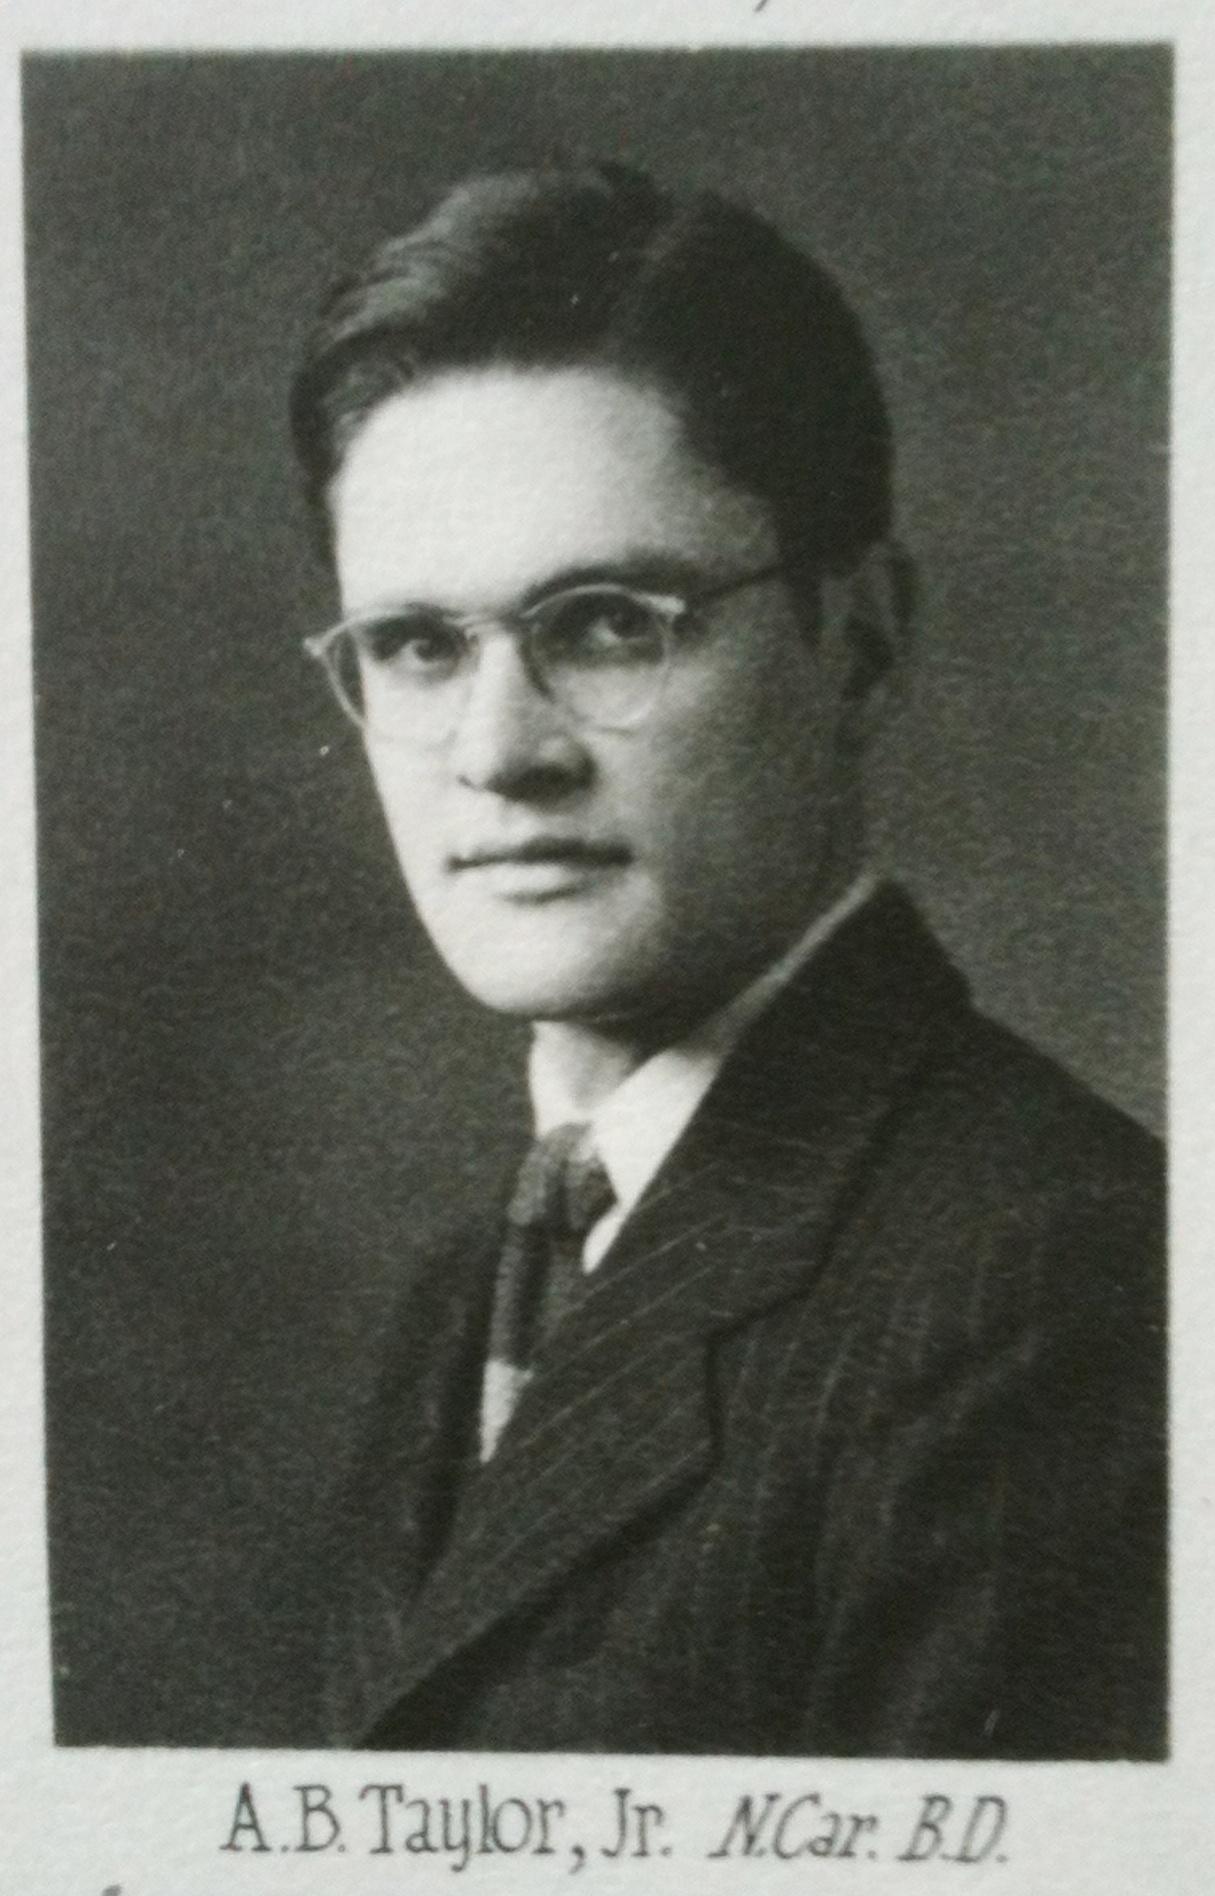 Archibald Boggs Taylor